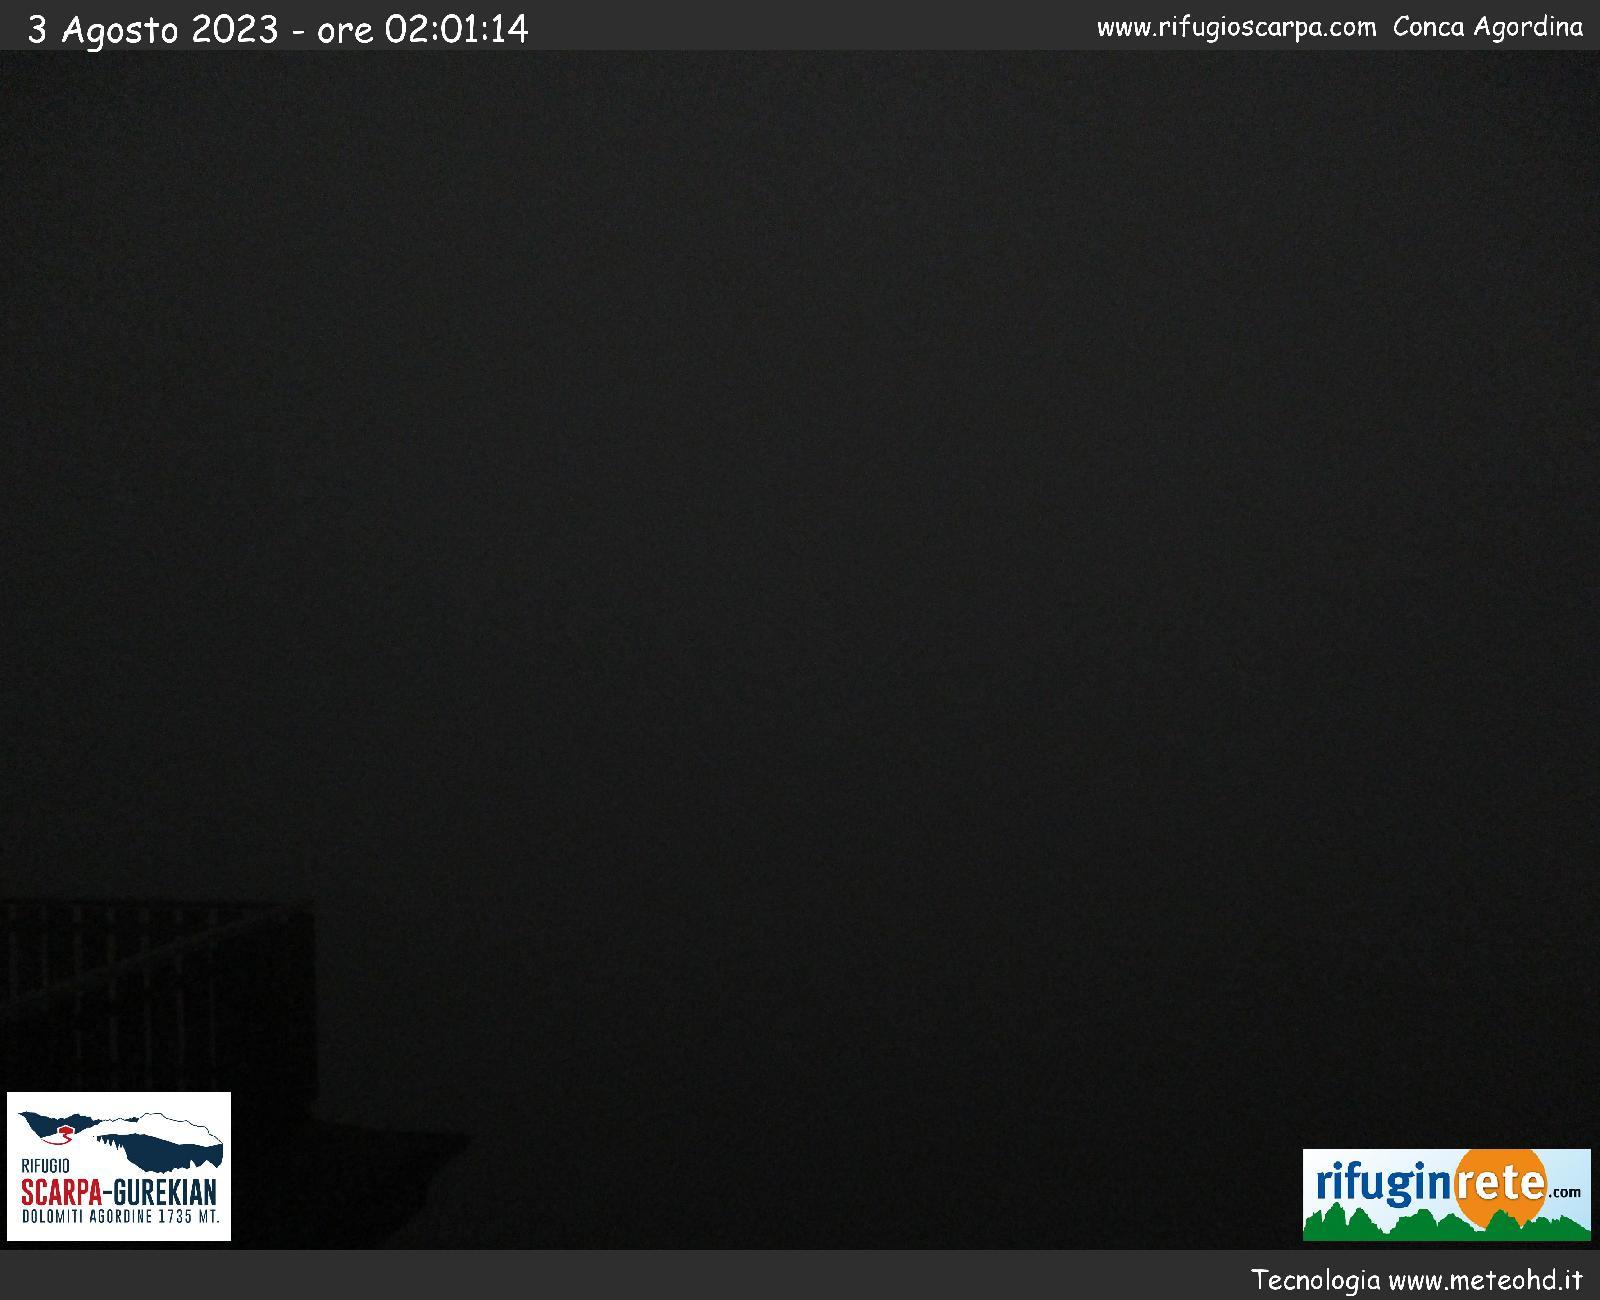 Webcam Monte Agner Rifugio Scarpa Voltago Agordino Frassené